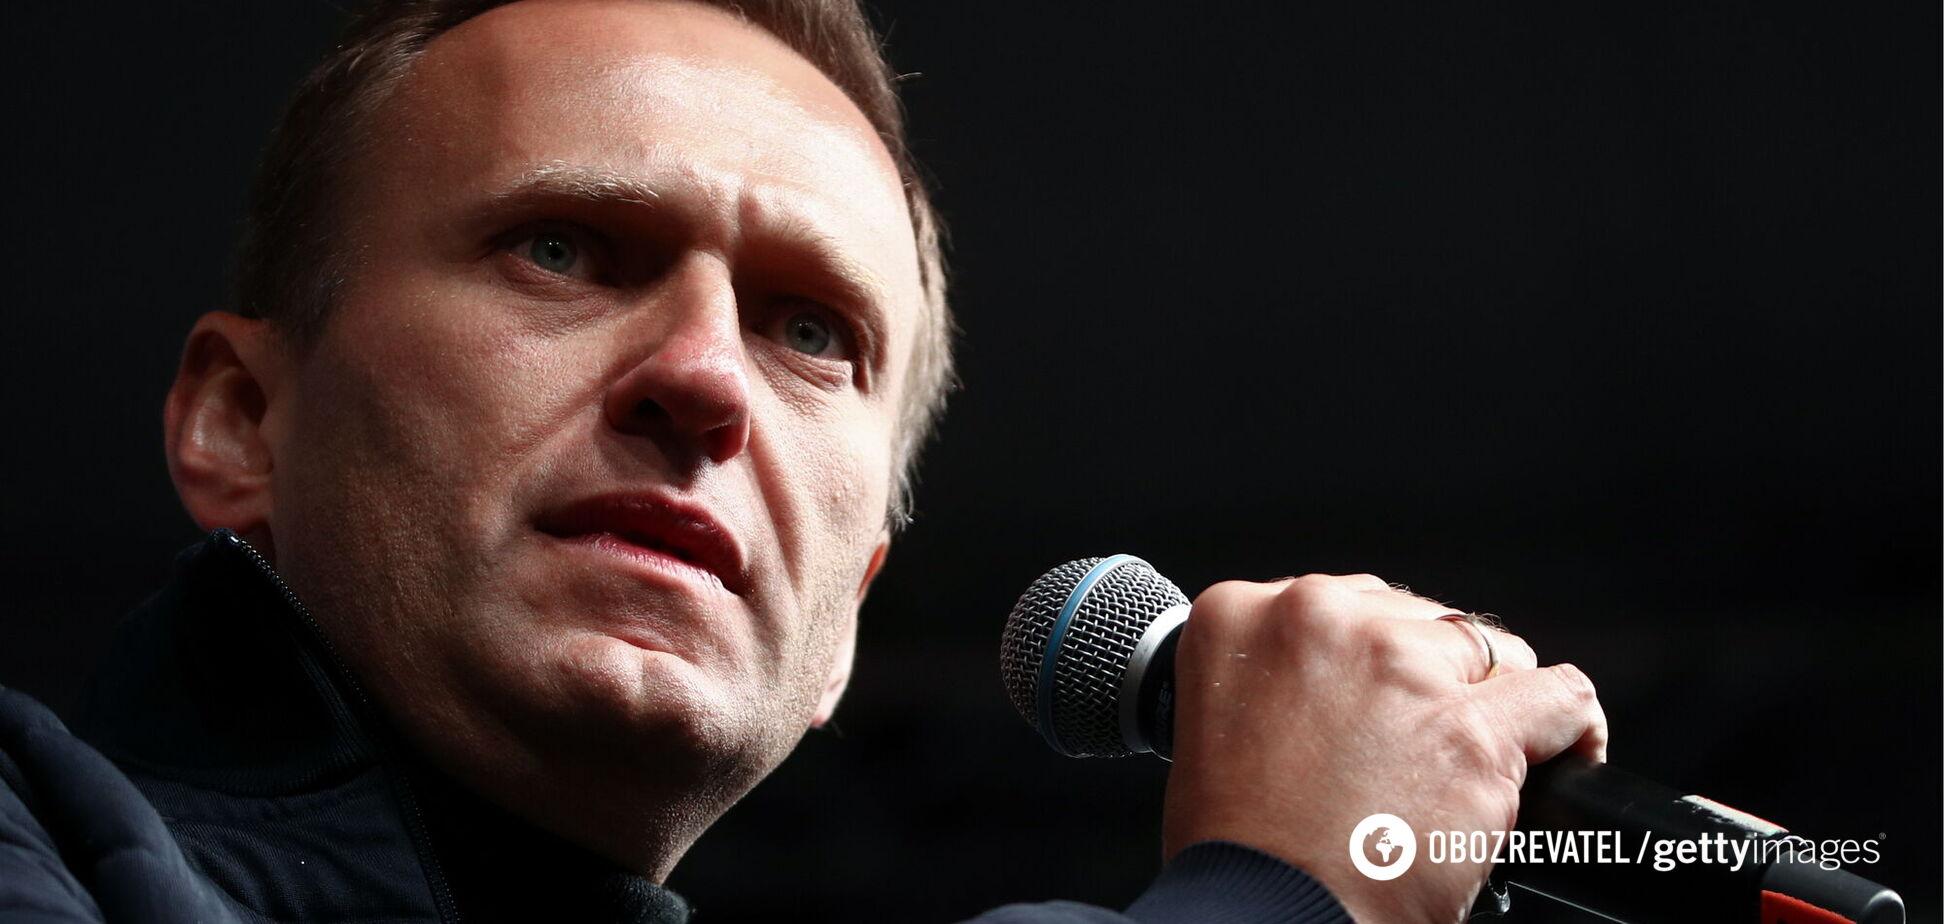 Пономарьов озвучив 'місцевий' сценарій можливого замаху на Навального